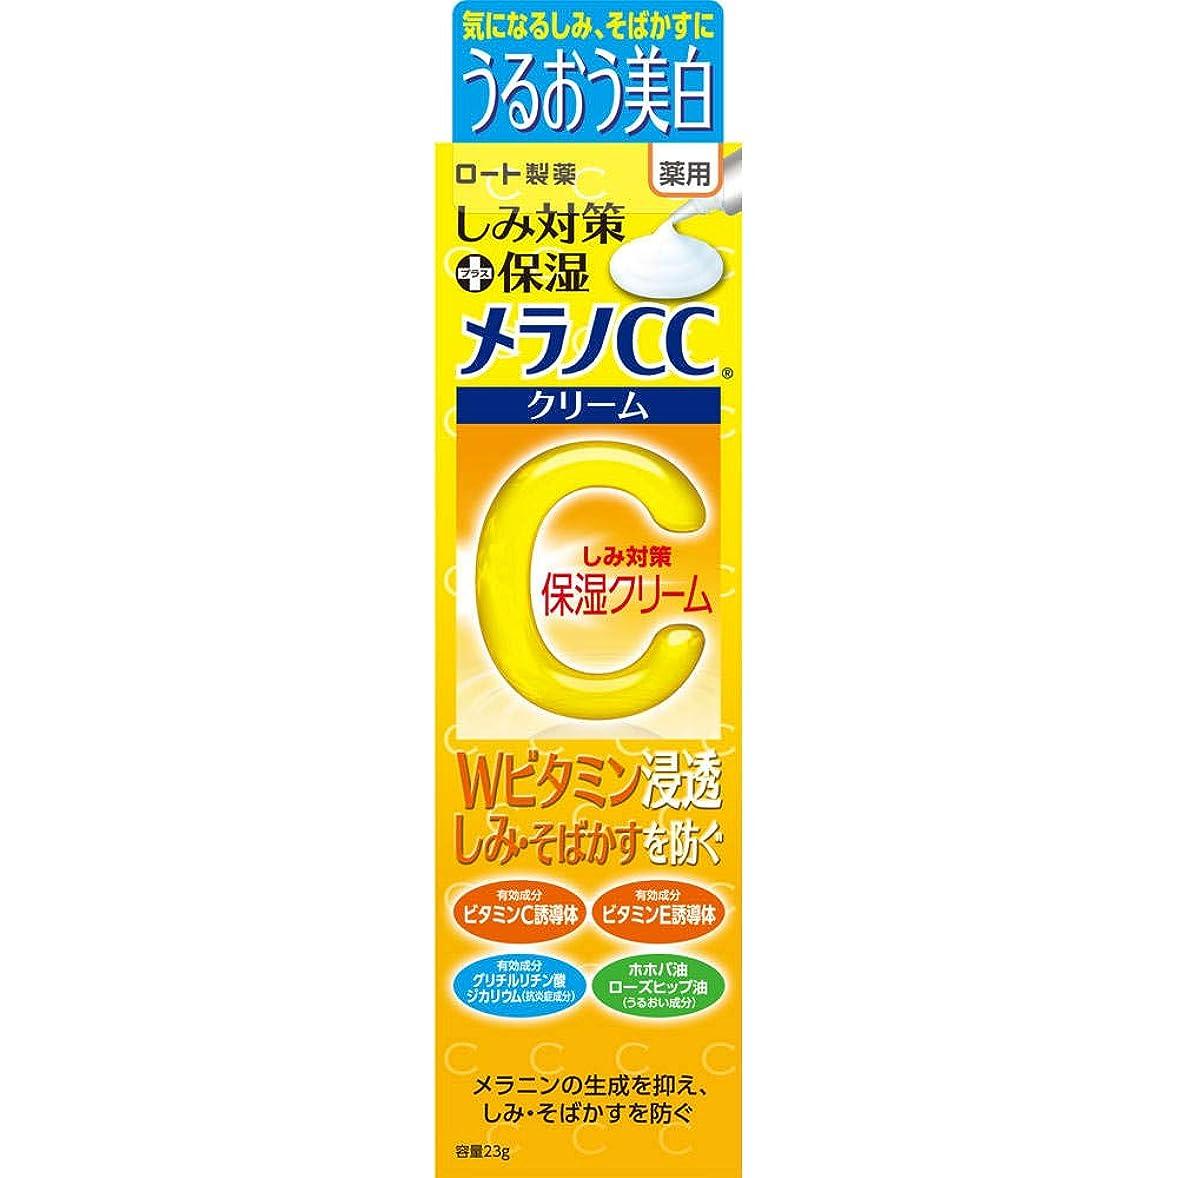 パッケージ賭けレクリエーションメラノCC 薬用しみ対策 保湿クリーム 23g